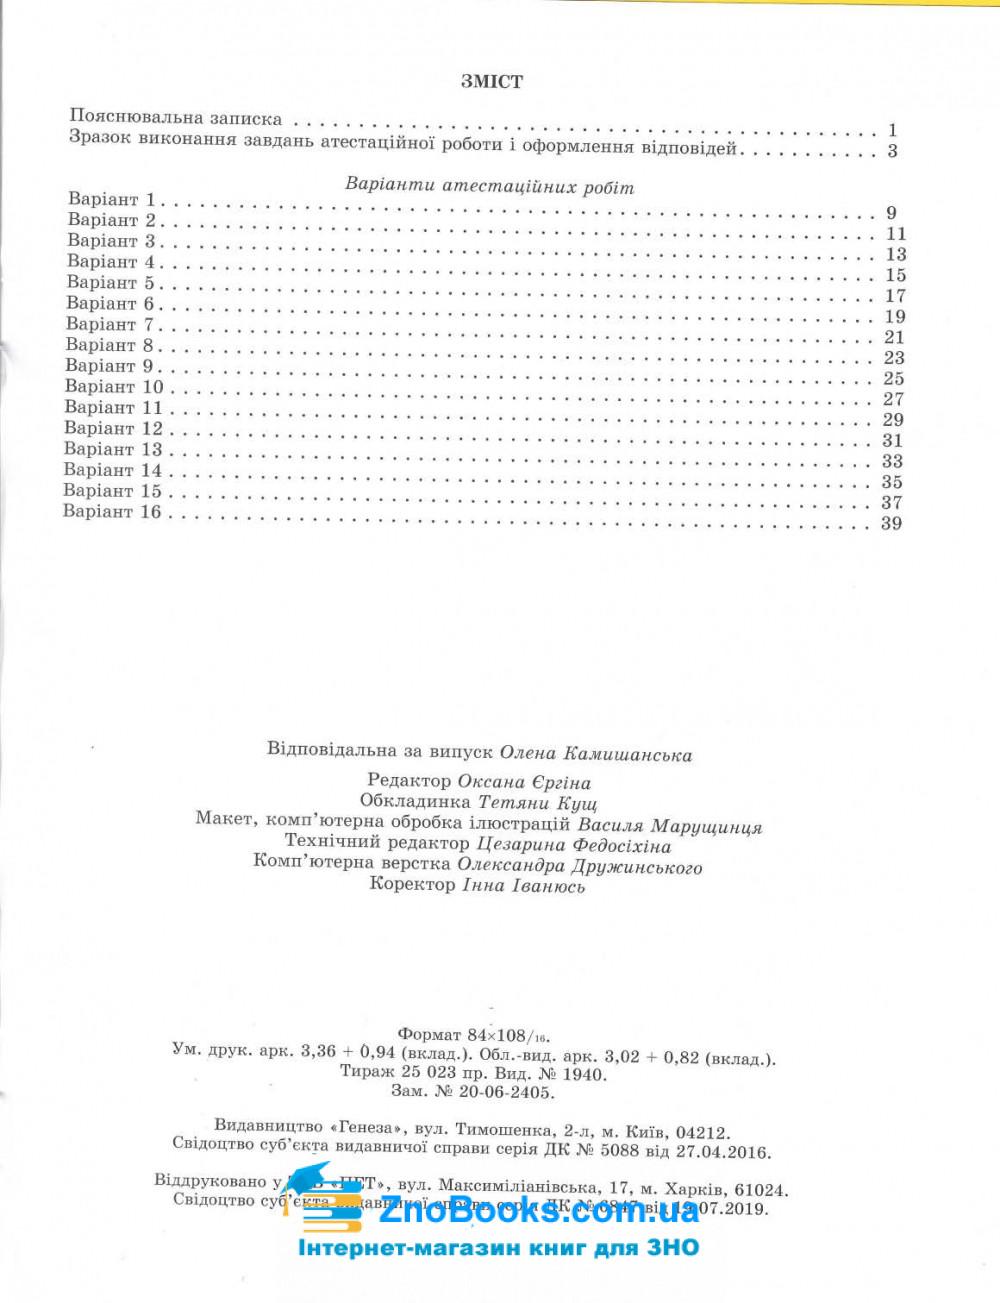 ДПА 9 клас 2021 математики. Збірник завдань + Відповіді : О. С. Істер, О. В. Єргіна.  Генеза. Купити 8